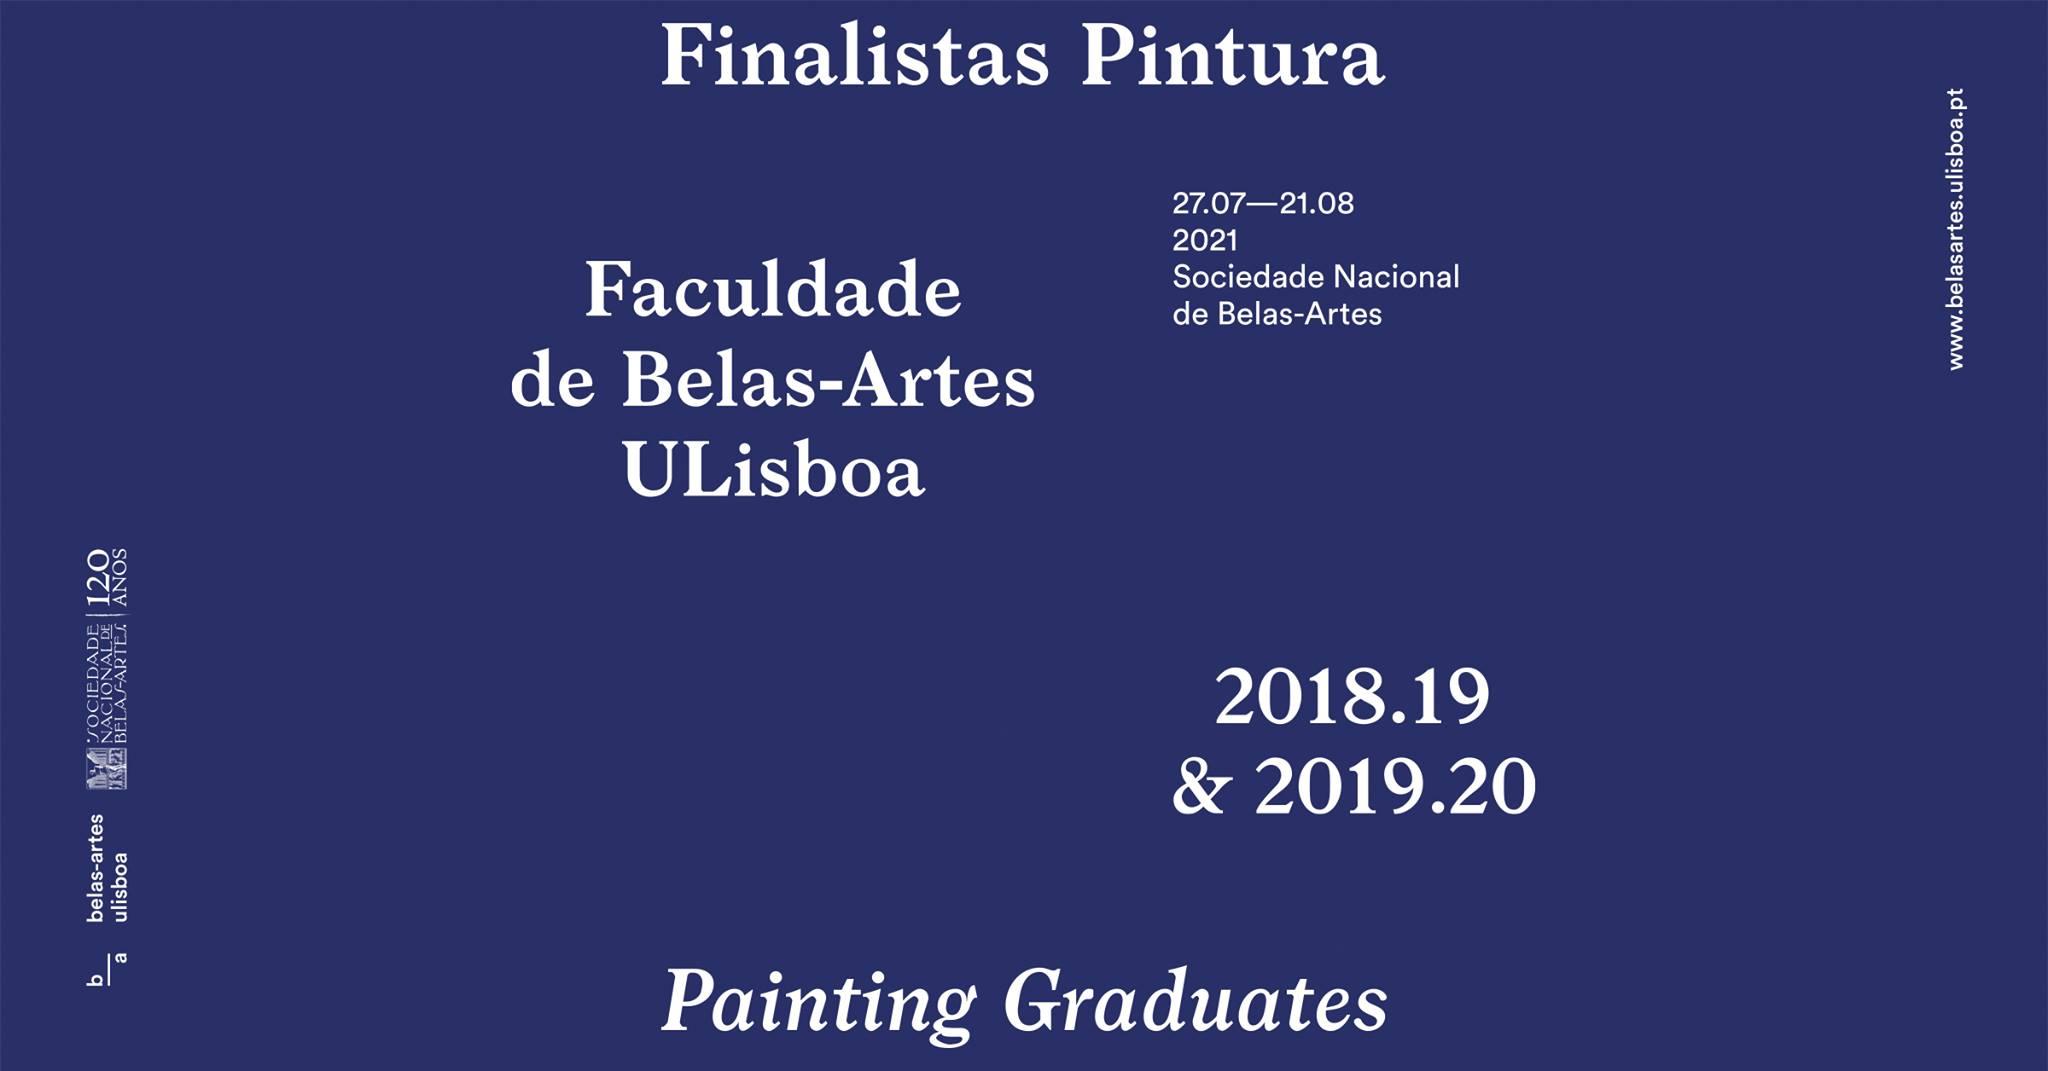 FINALISTAS PINTURA FBAUL 2018.19 & 2019.20